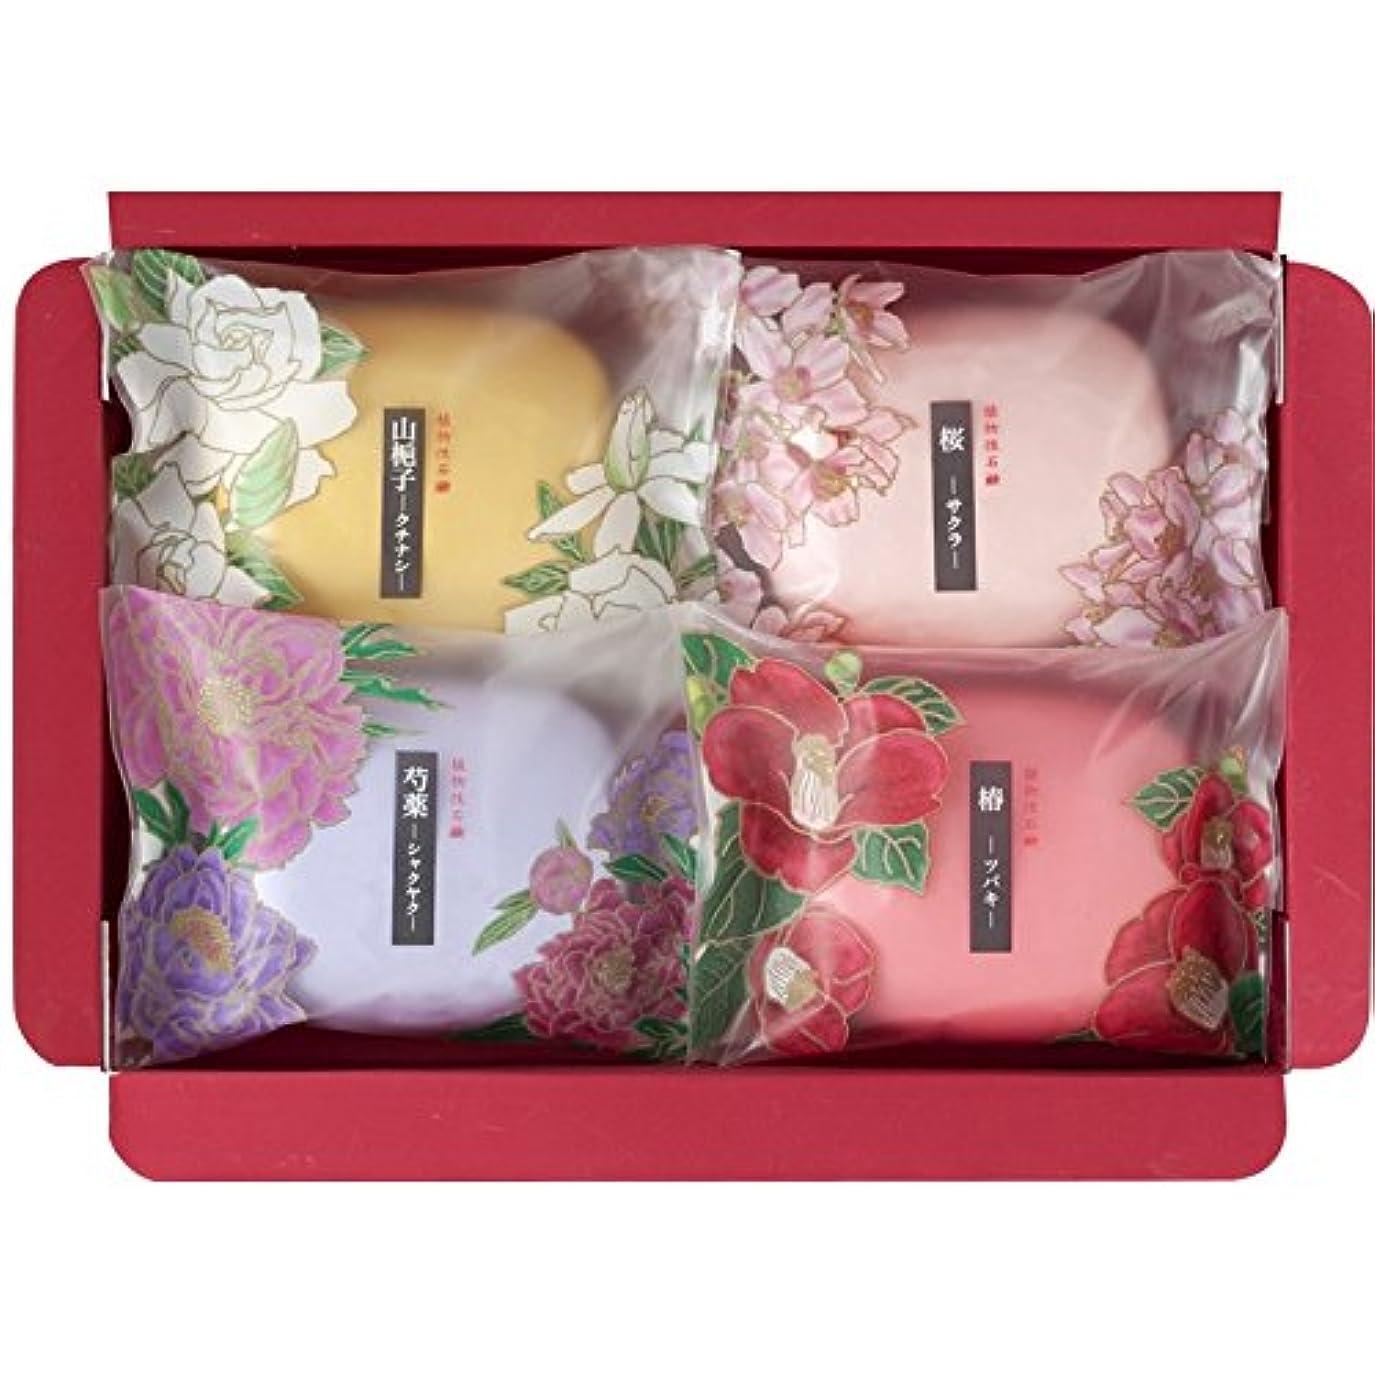 把握腐敗移行彩花だより SAK-05 【石けん 石鹸 うるおい いい香り 固形 詰め合わせ セット 良い香り 美容 個包装 肌に優しい 日本製】